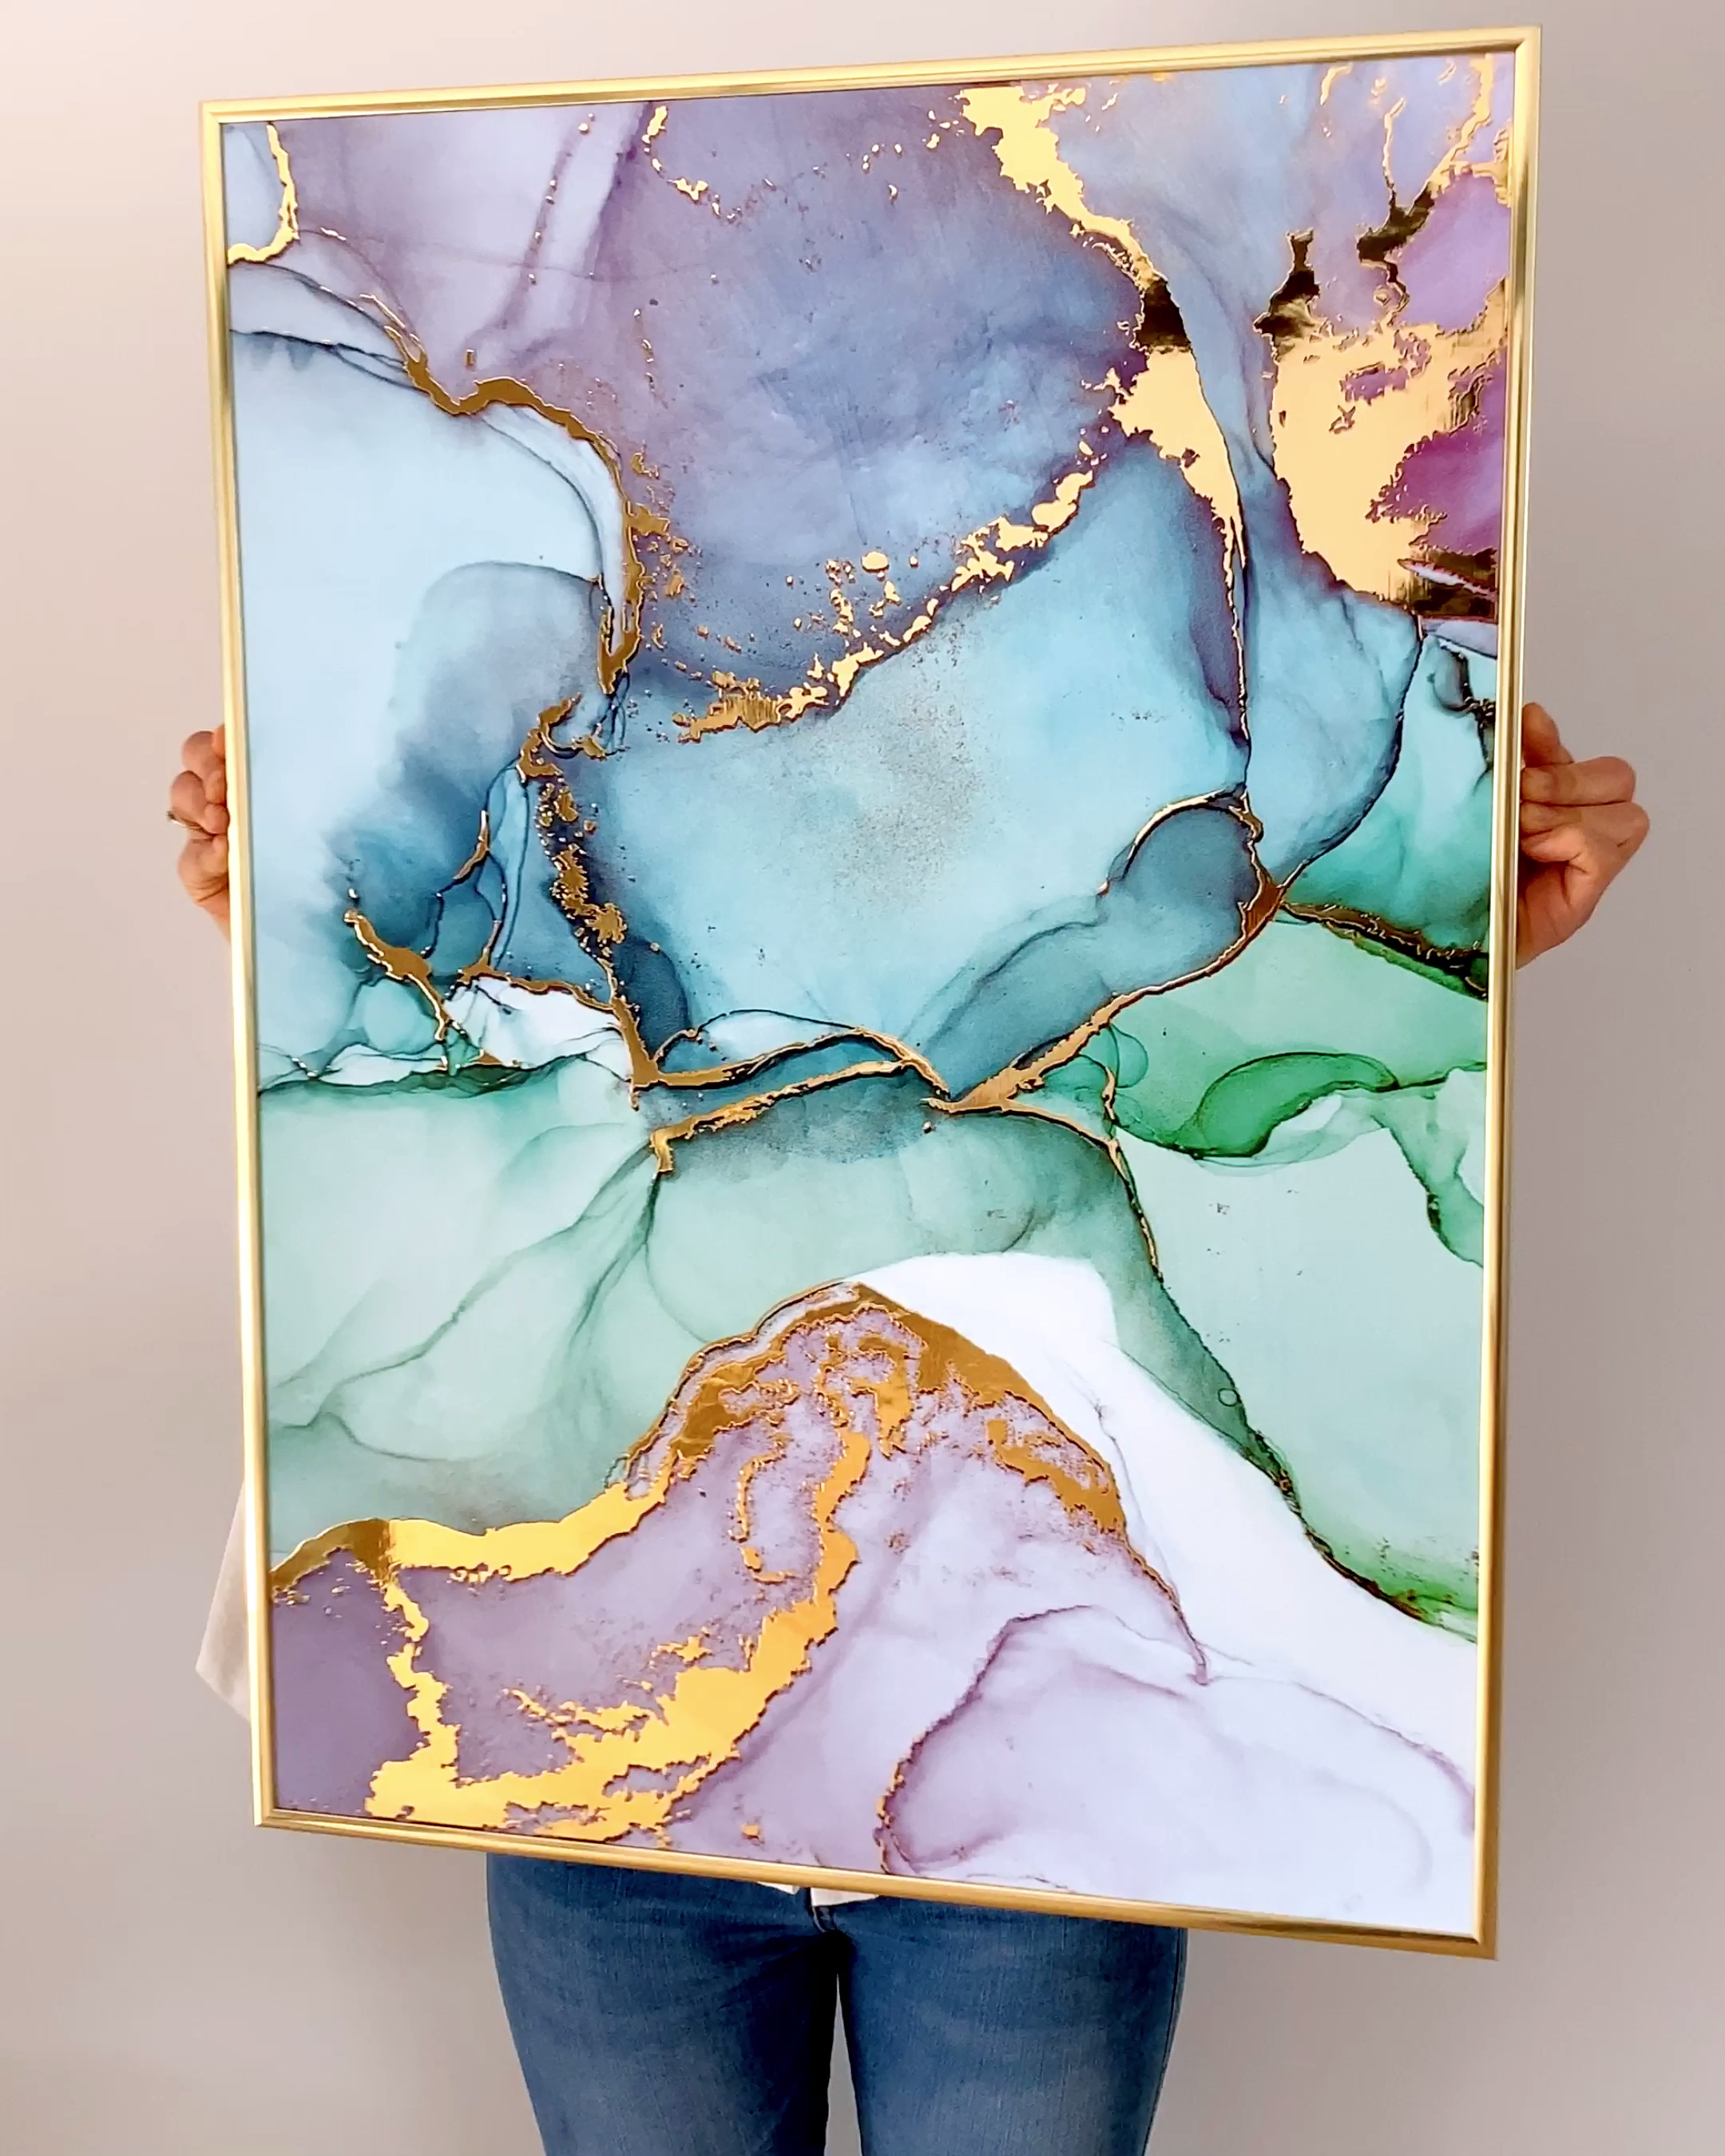 Poster Mit Echtem Glanzeffekt Suchen Sie Deko Inspirationen Fur Ihr Zuhause Sie Mussen Diese Plakate Haben Poste In 2020 Luxury Living Room Design Resin Art Art